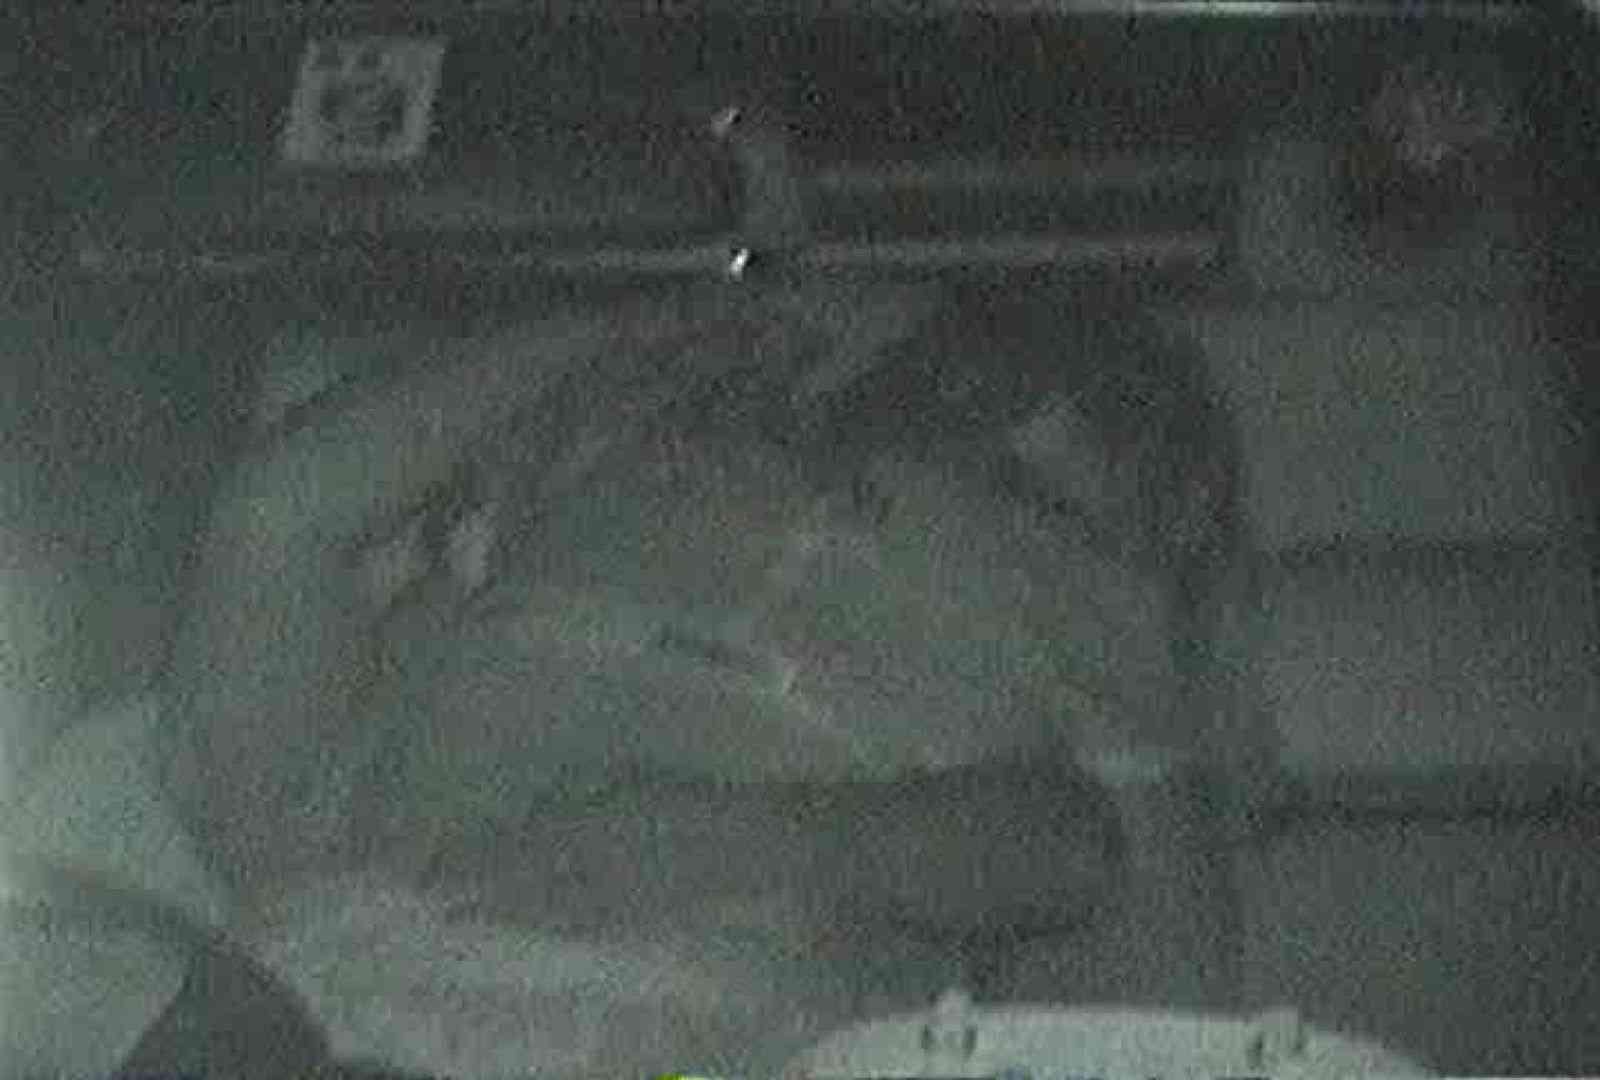 充血監督の深夜の運動会Vol.62 OLエロ画像 | 濃厚セックス  73PICs 4